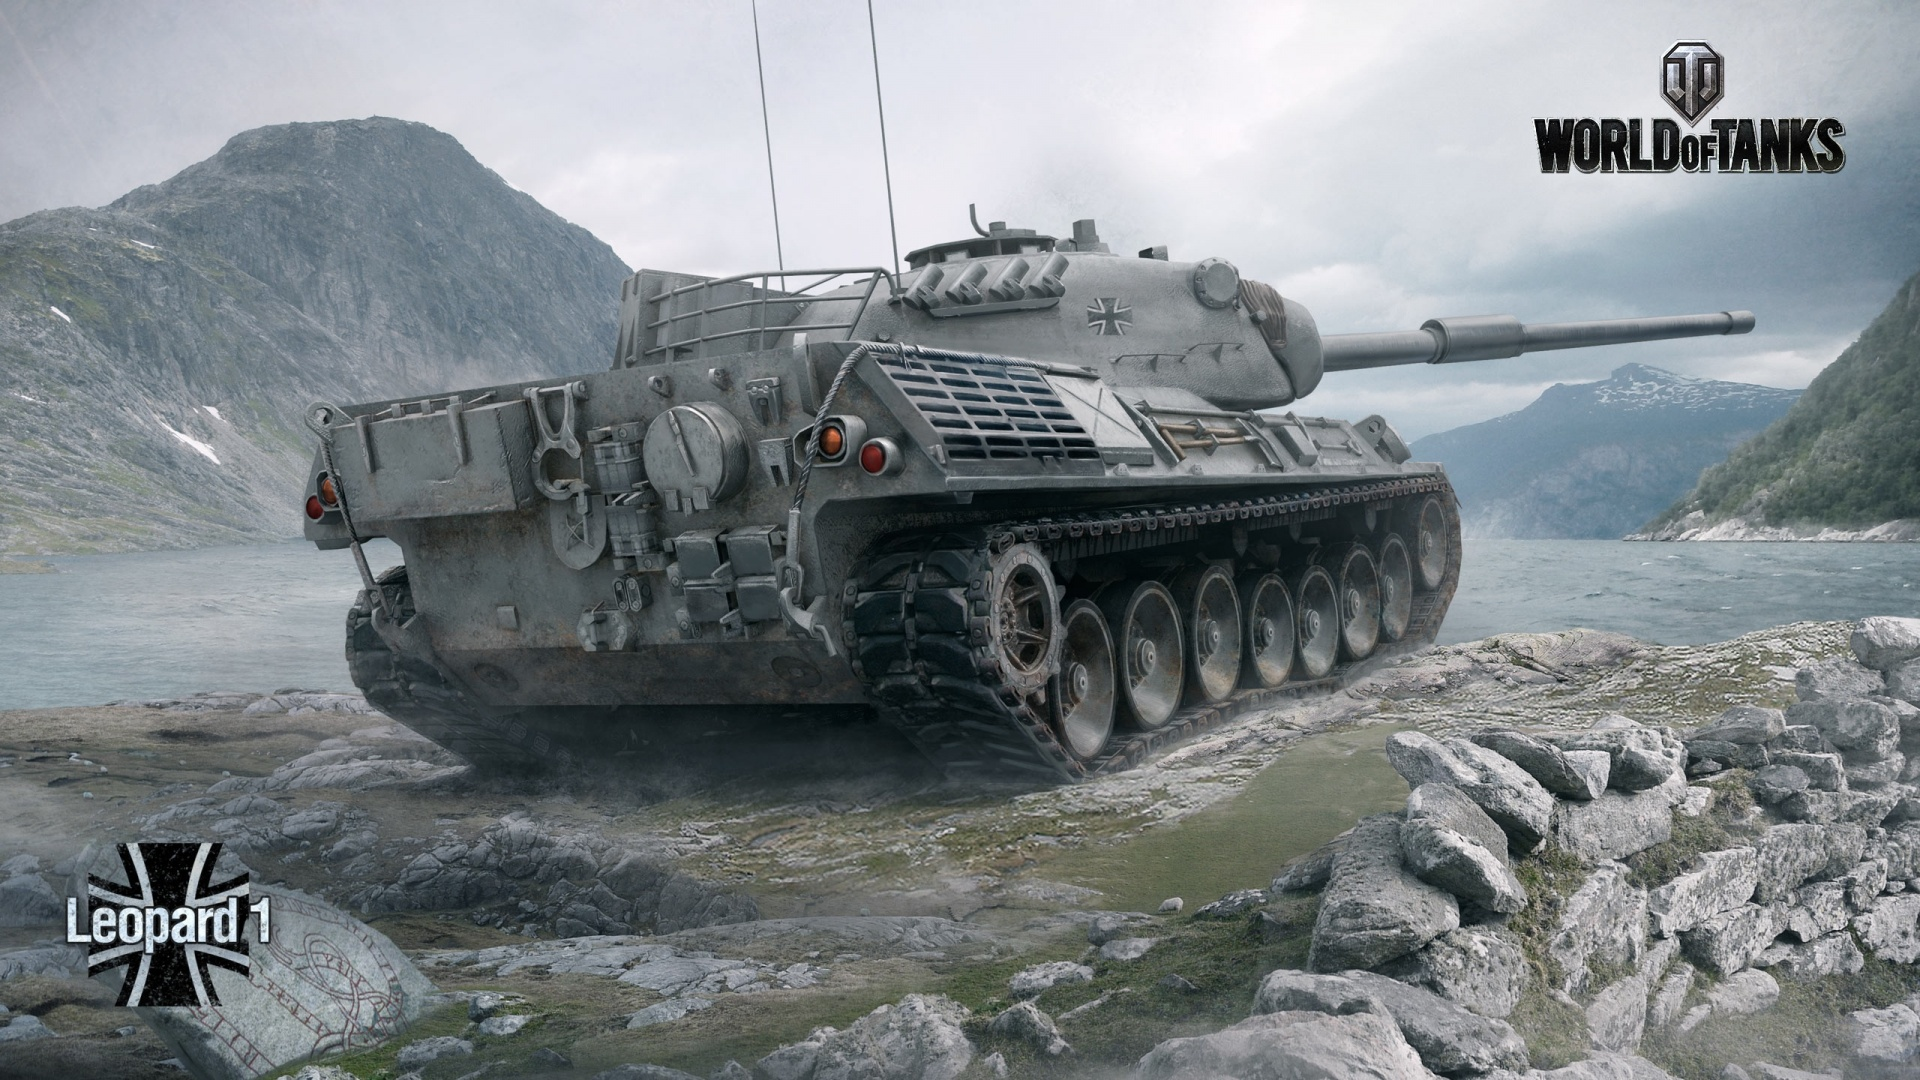 leopard-1-world-of-tanks-1920x1080.jpg